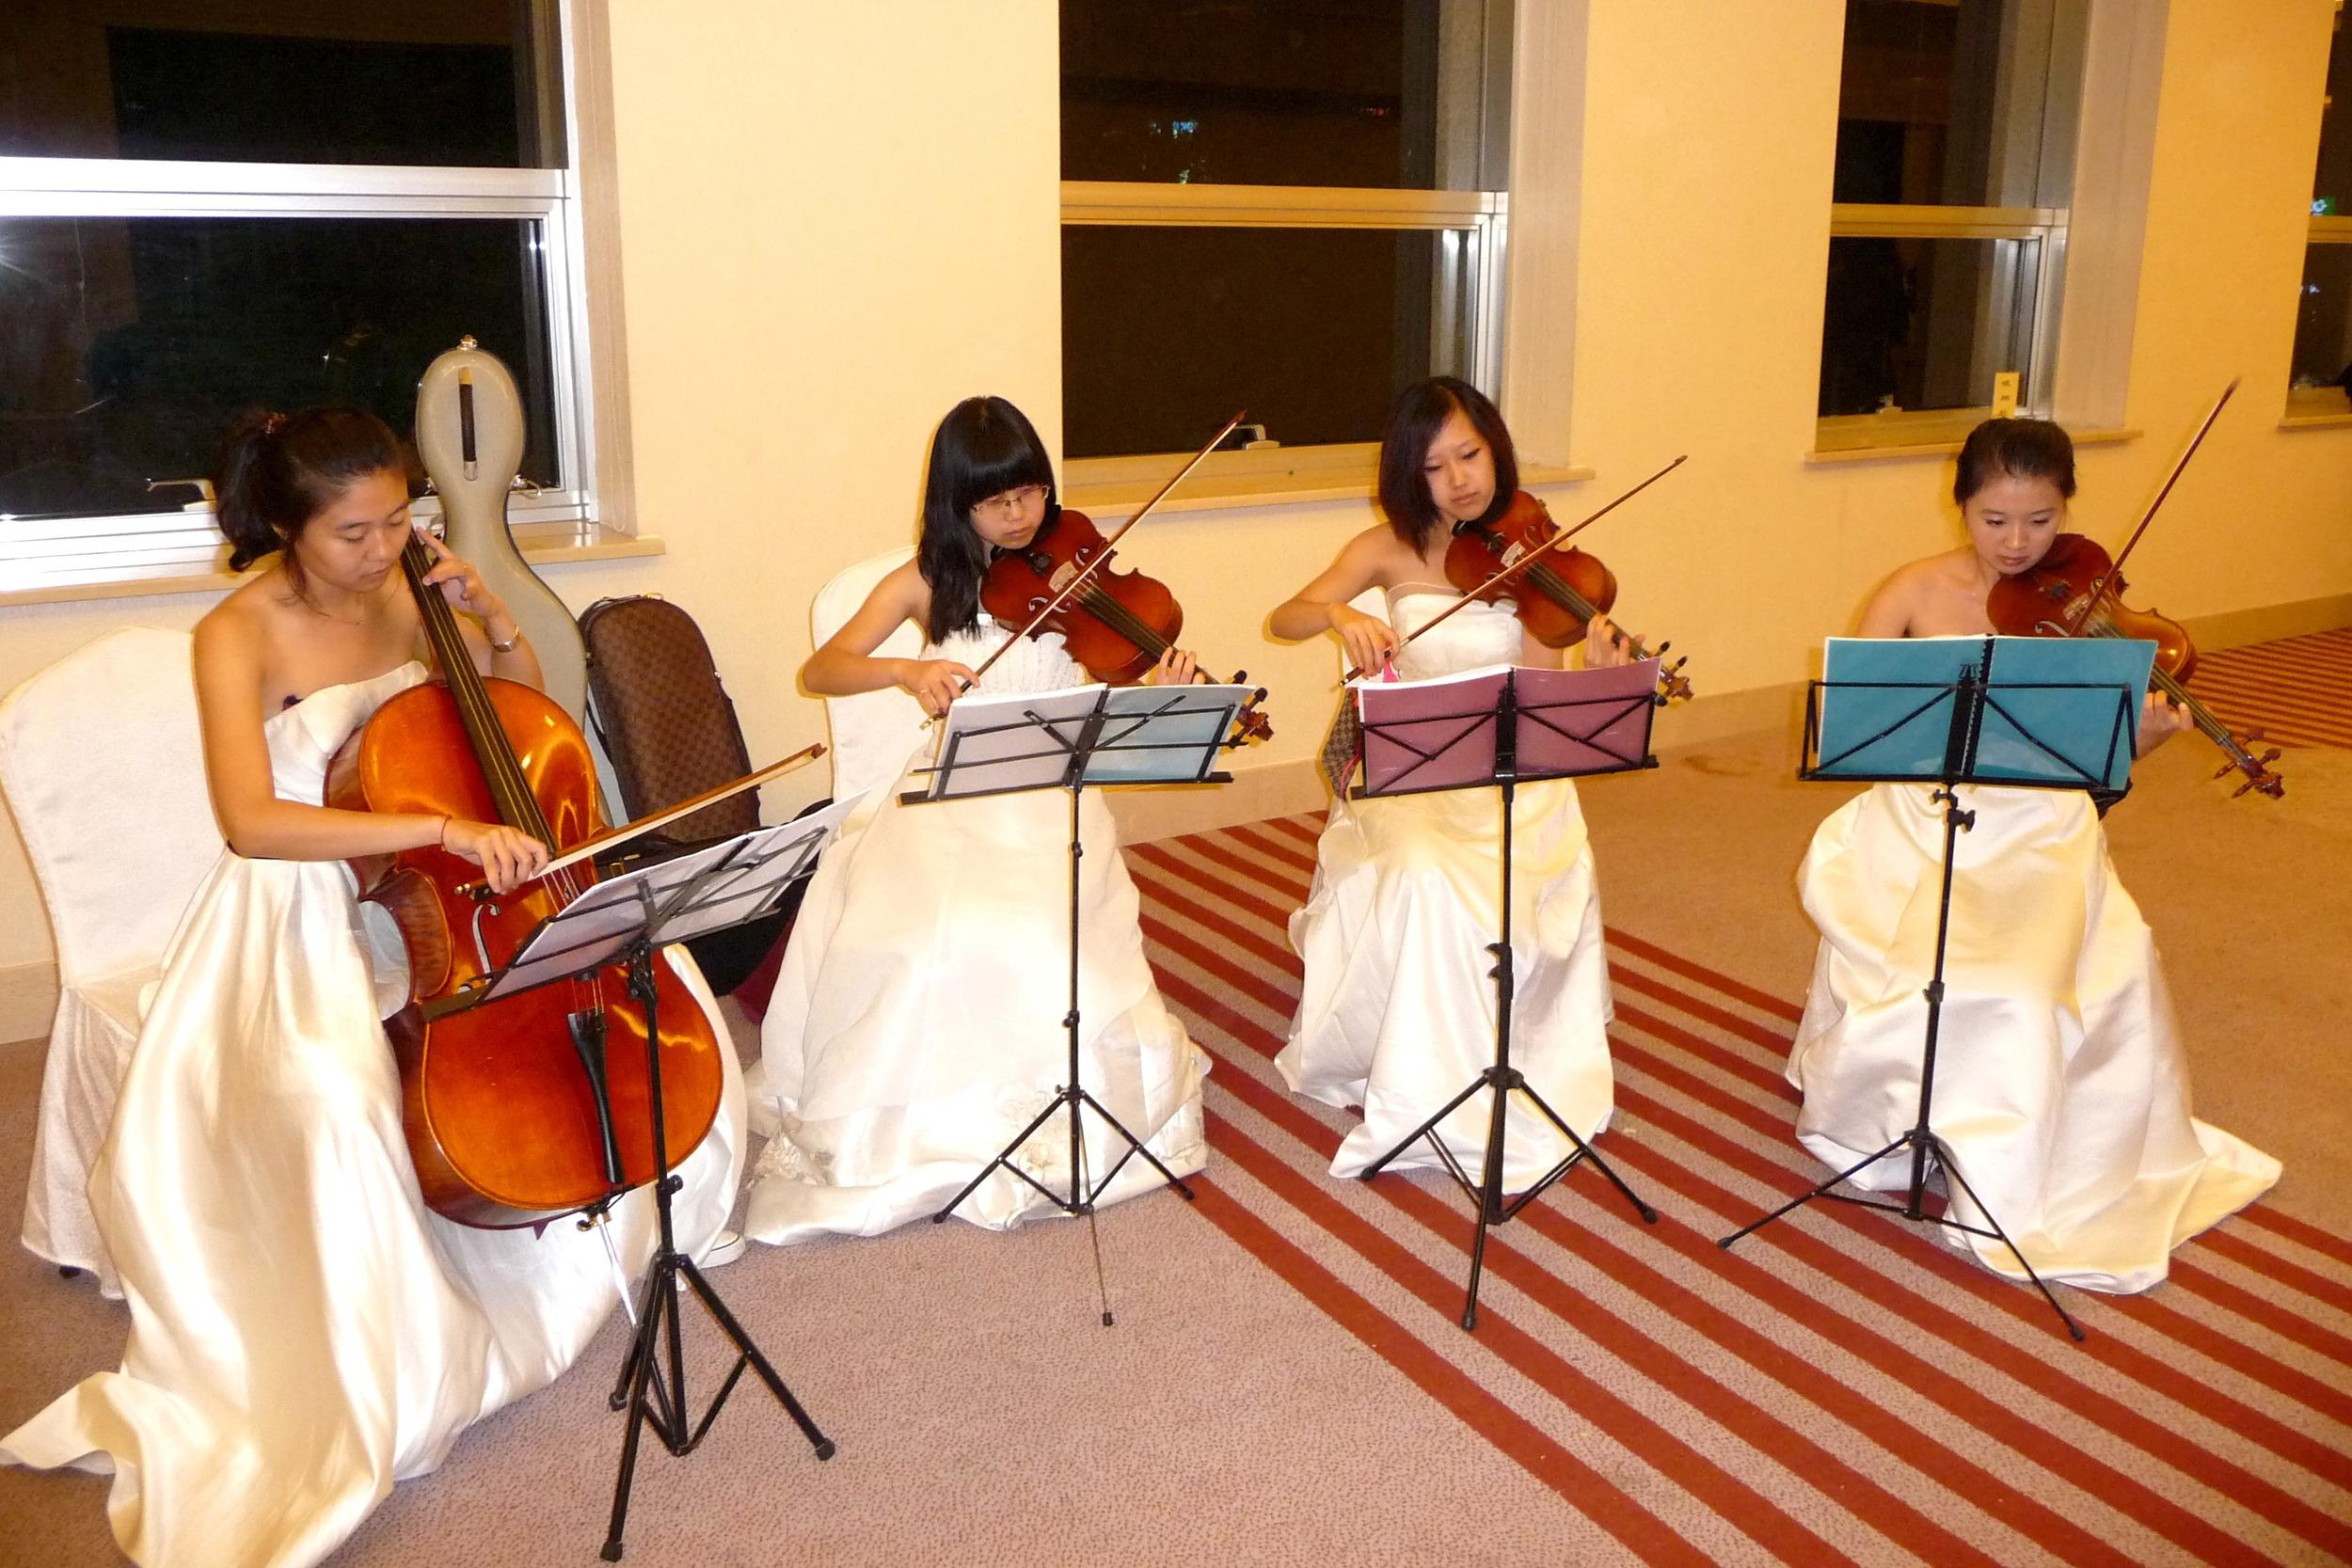 P1030185 Pre-banquet musical interlude.JPG